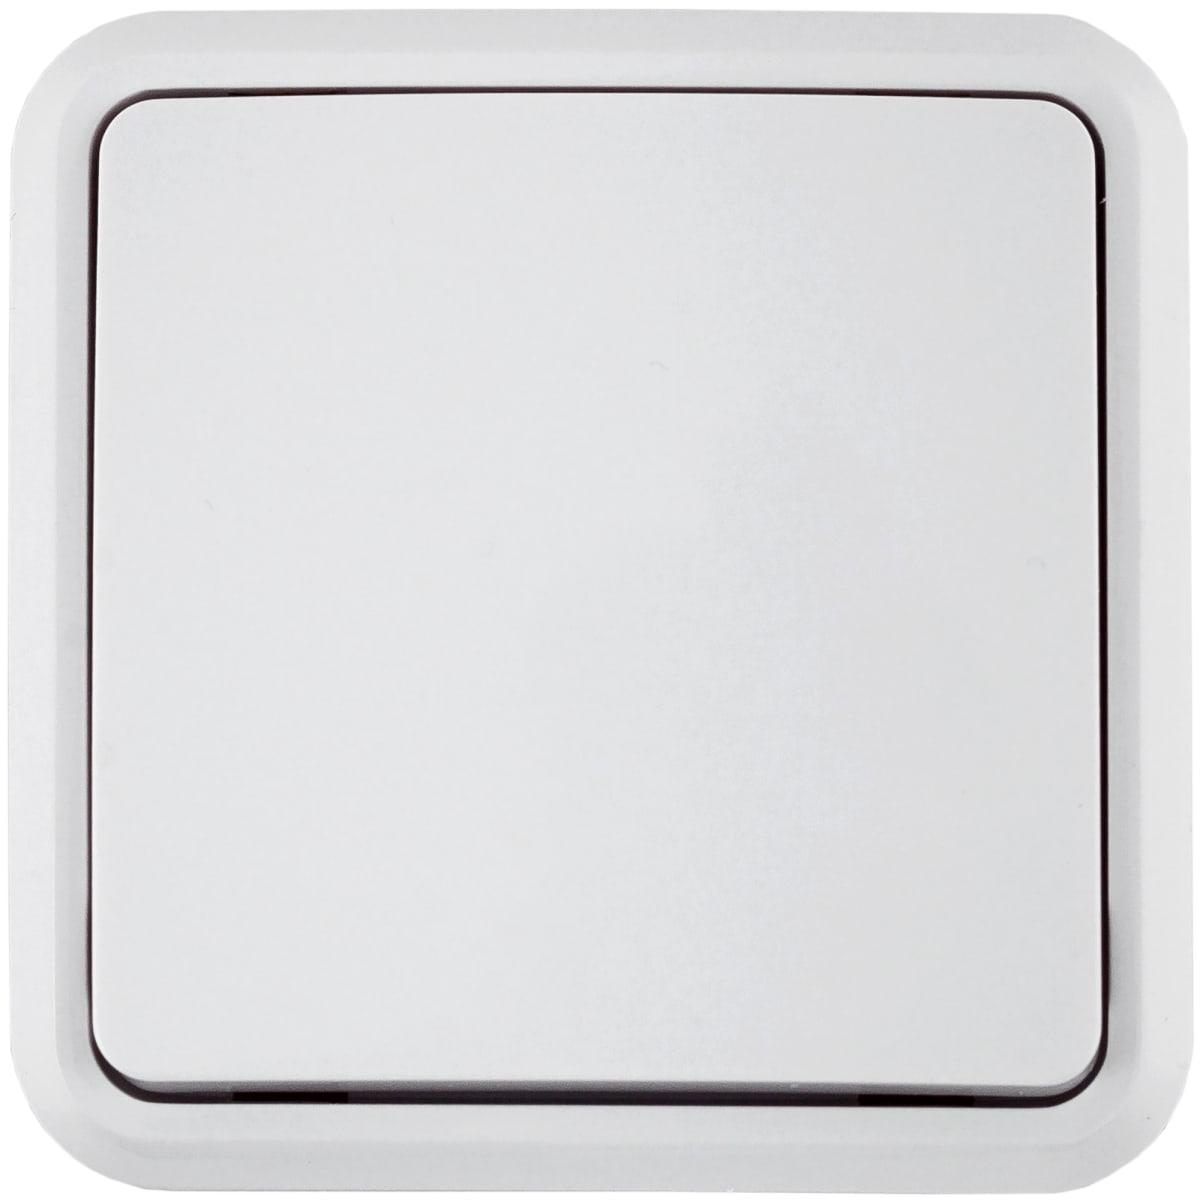 Выключатель накладной Lexman First 1 клавиша, цвет белый